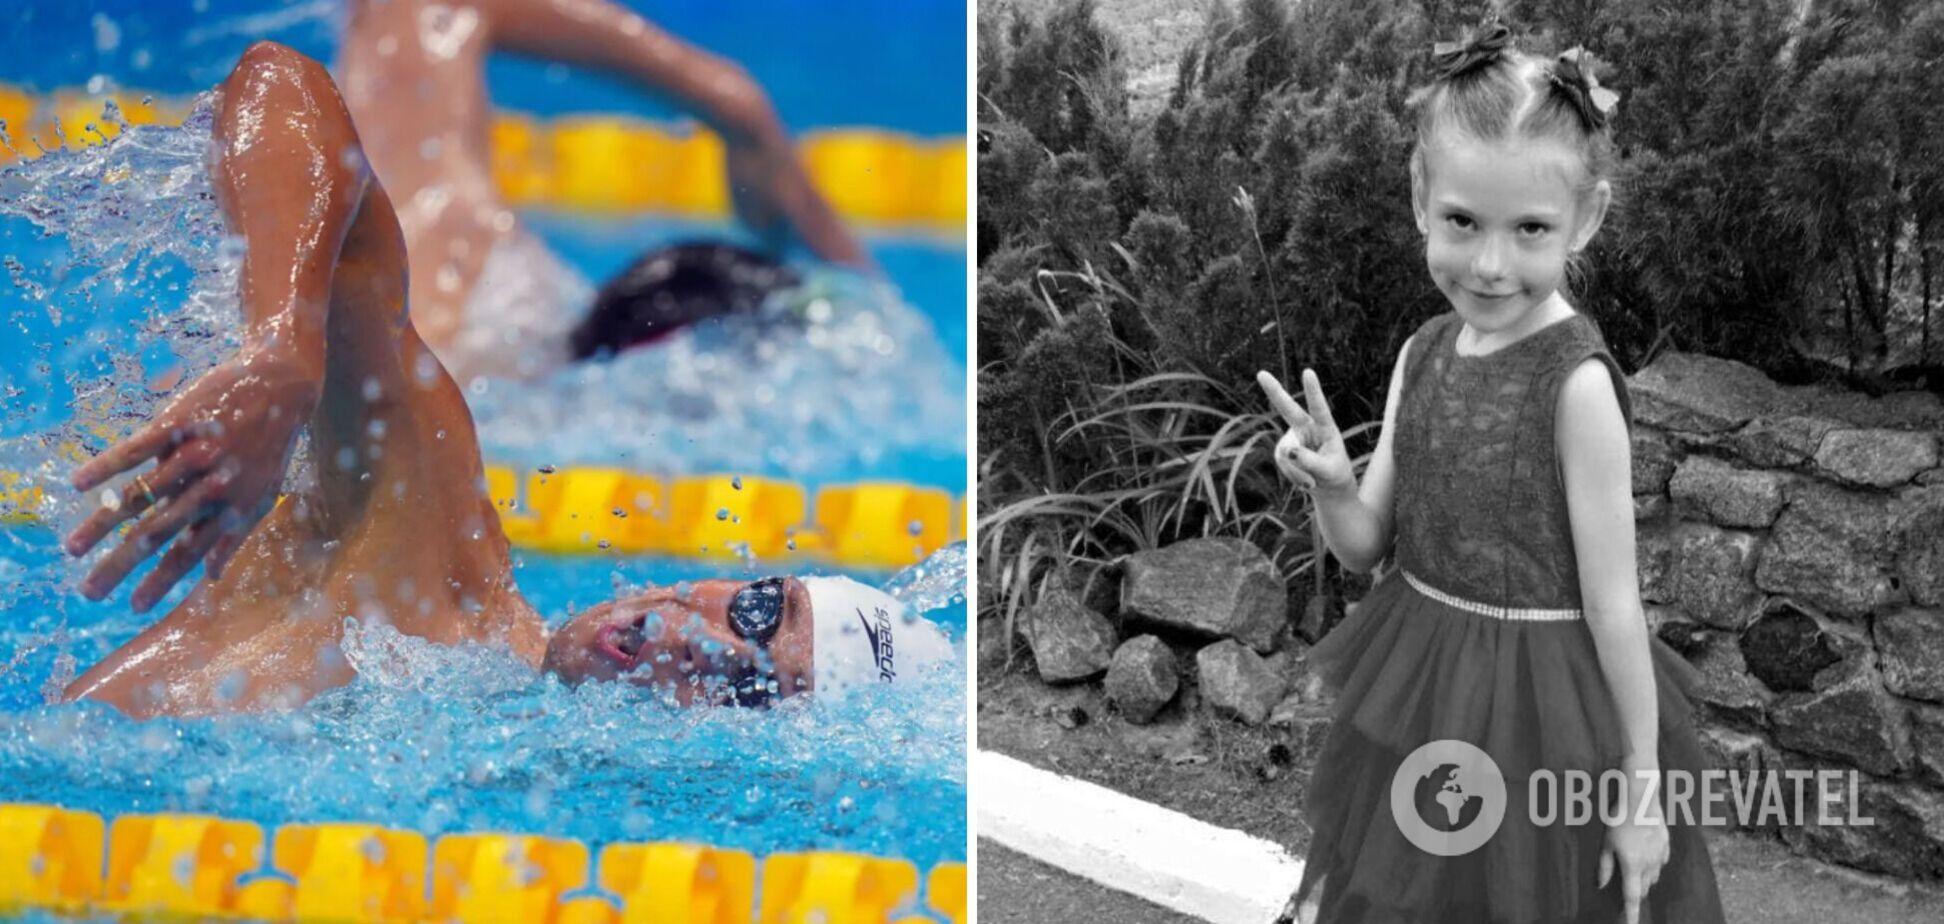 Пловец завоевал медаль, а девочку нашли мертвой